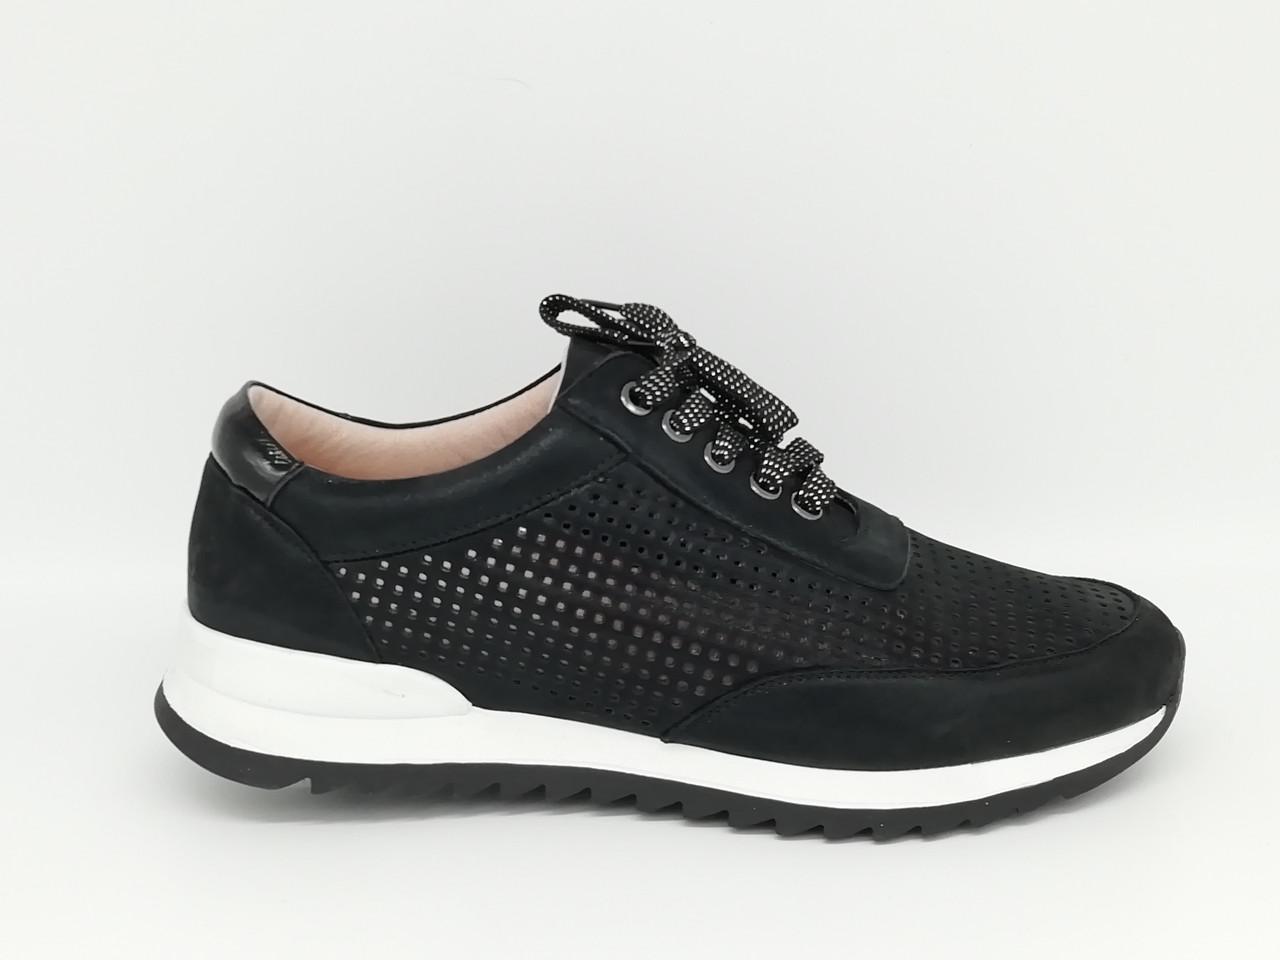 Летние туфли с перфорацией на танкетке. Кроссовки сникерсы. Erisses. Большие размеры ( 41 - 43 ).